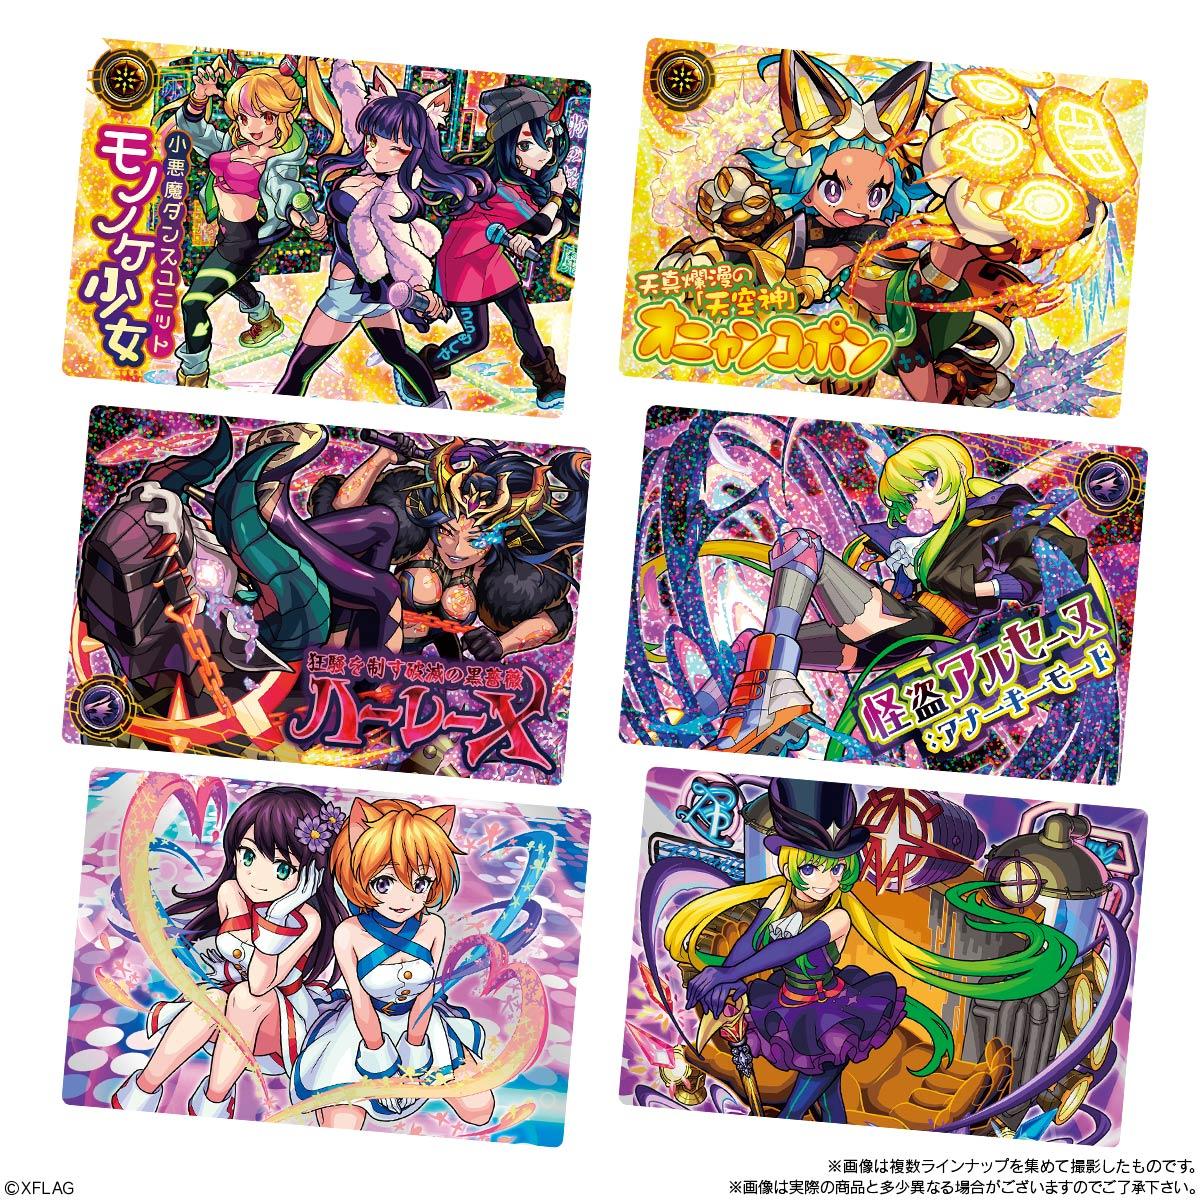 【食玩】モンスターストライク『モンストウエハースEX3』20個入りBOX-006